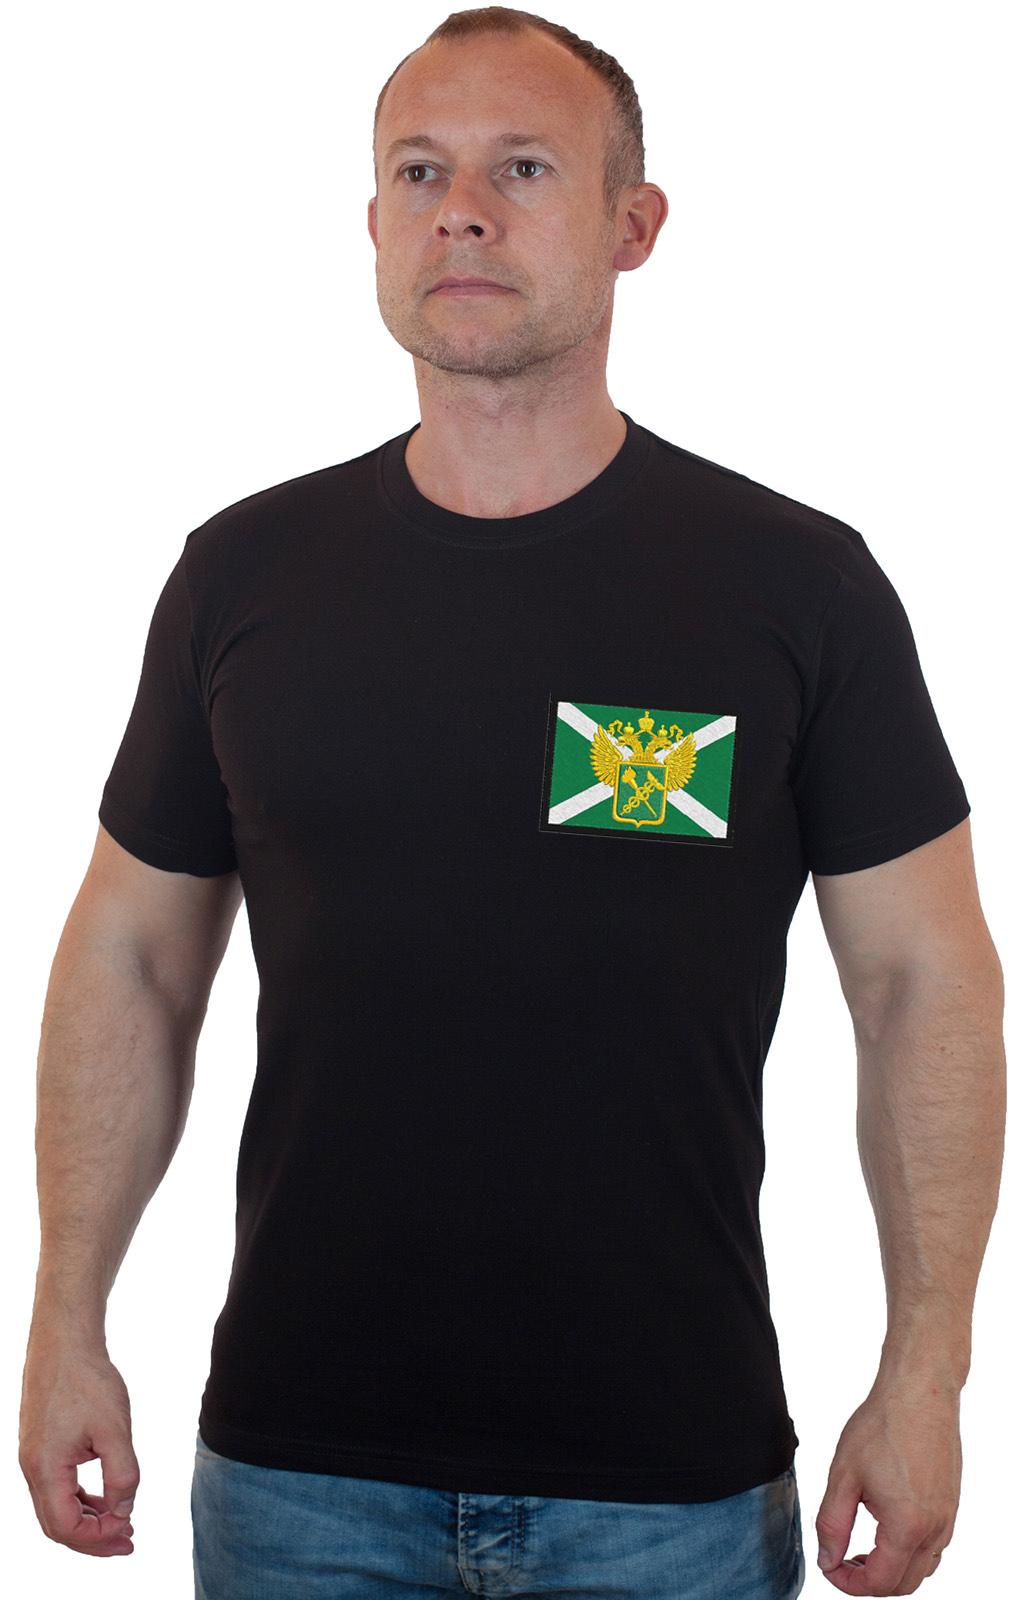 Классическая футболка с шевроном Таможенной Службы России